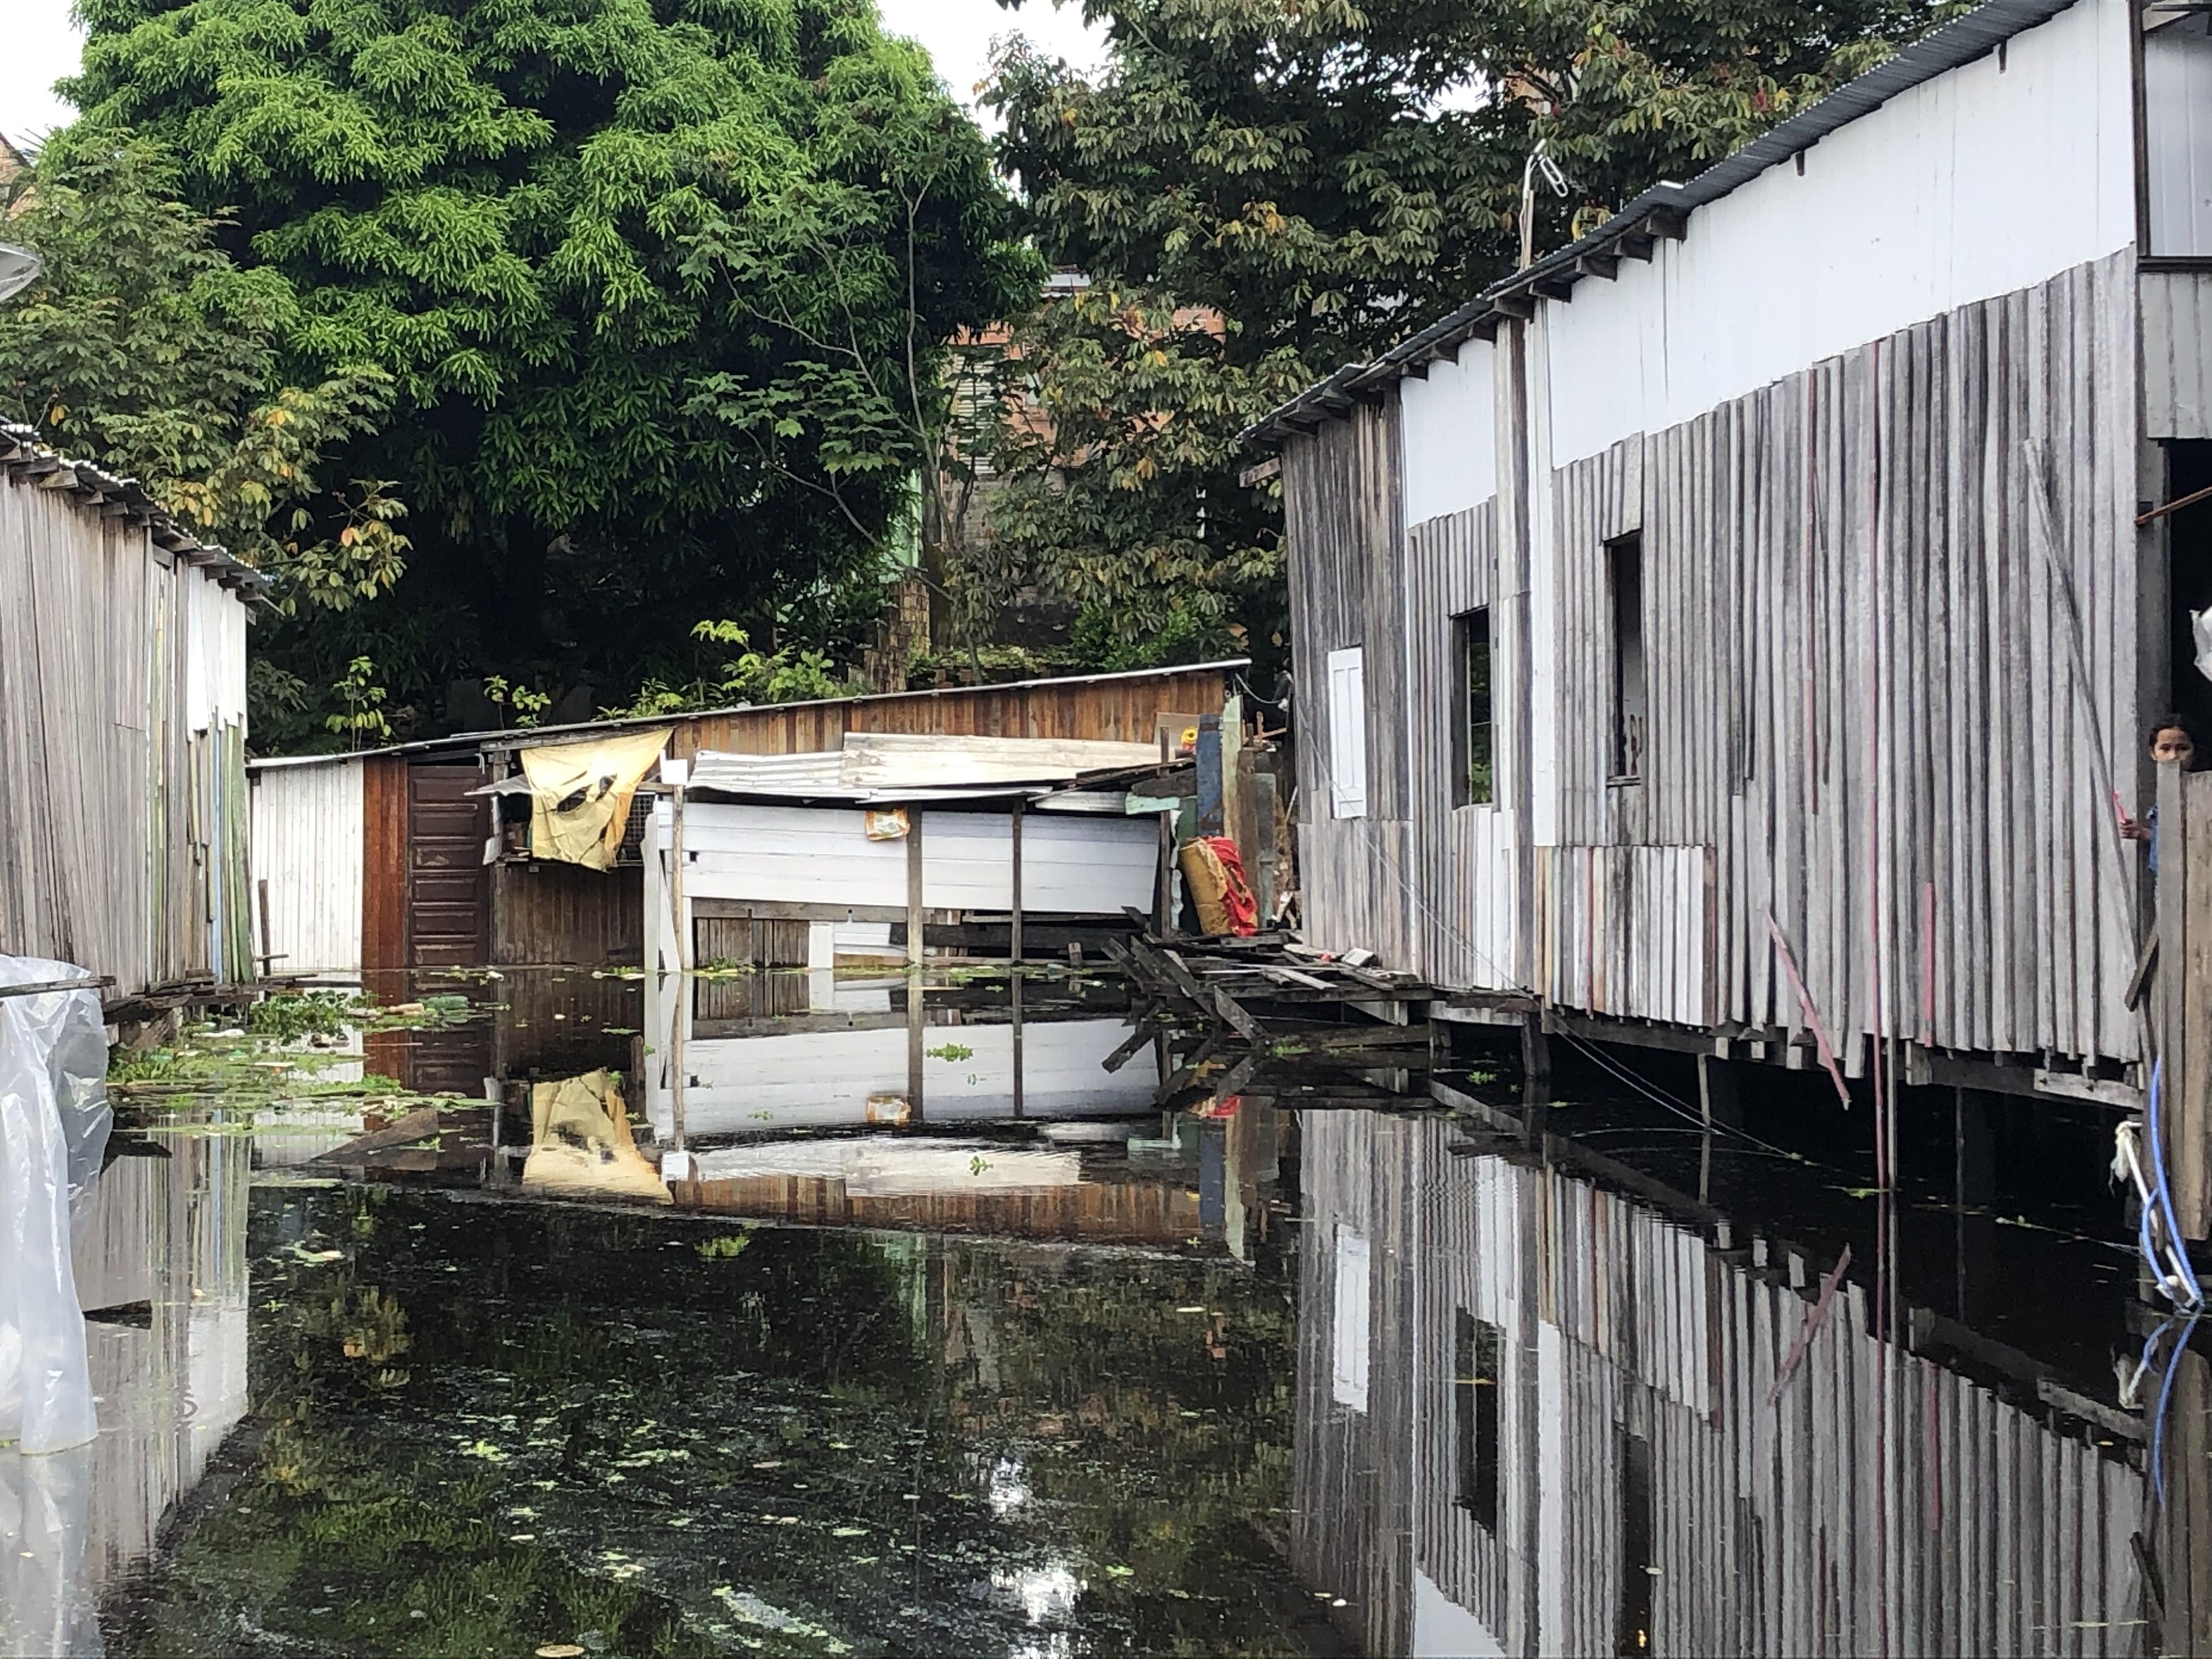 'Estou irada pelo sufoco que passamos aqui', desabafa moradora  após casa ser invadida pela água em Manaus